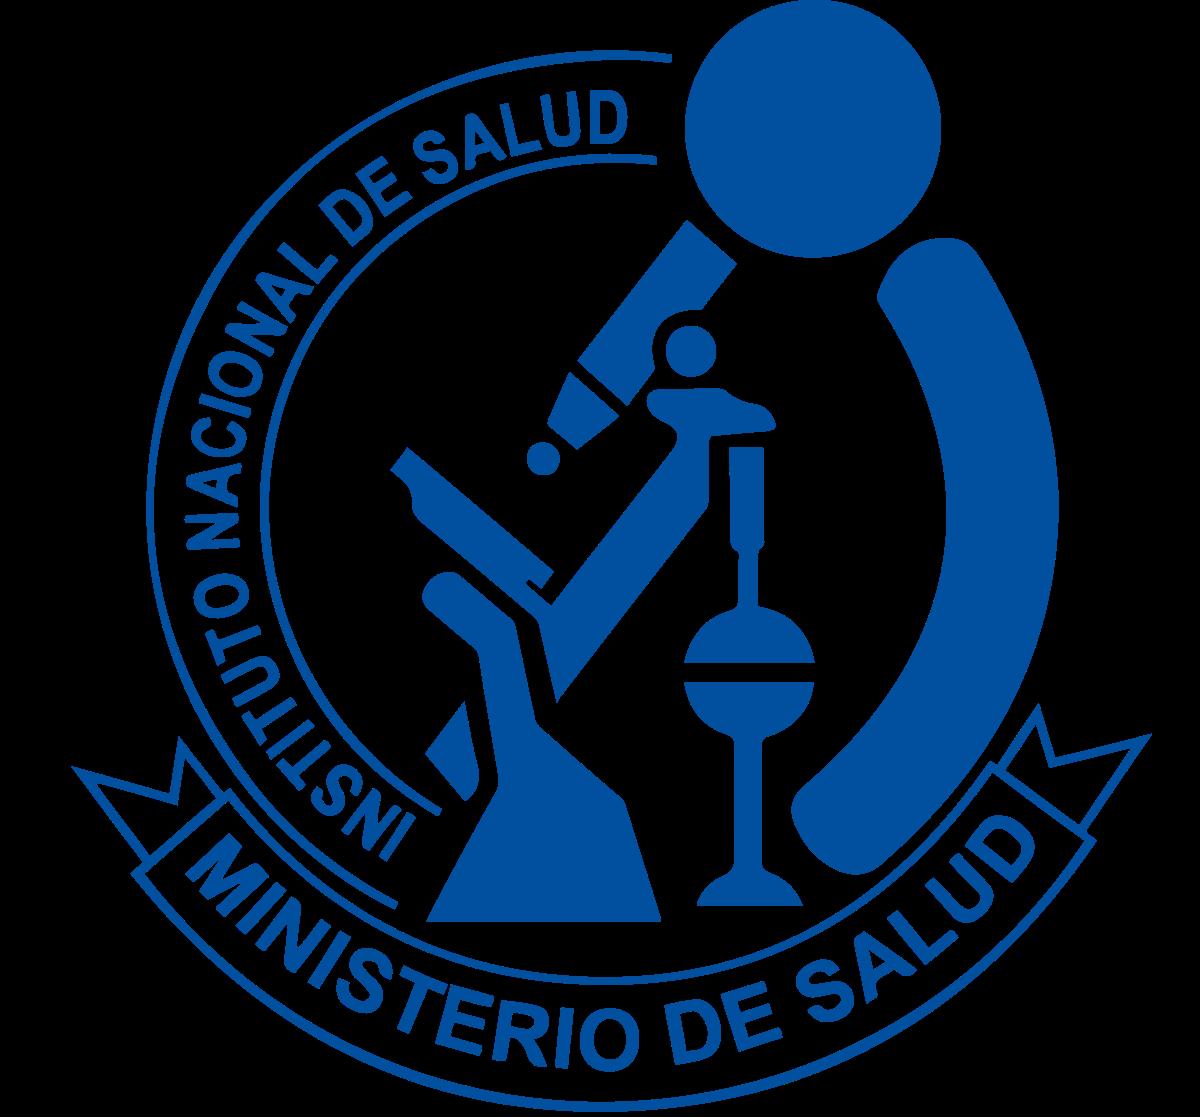 Instituto Nacional de Salud de Perú